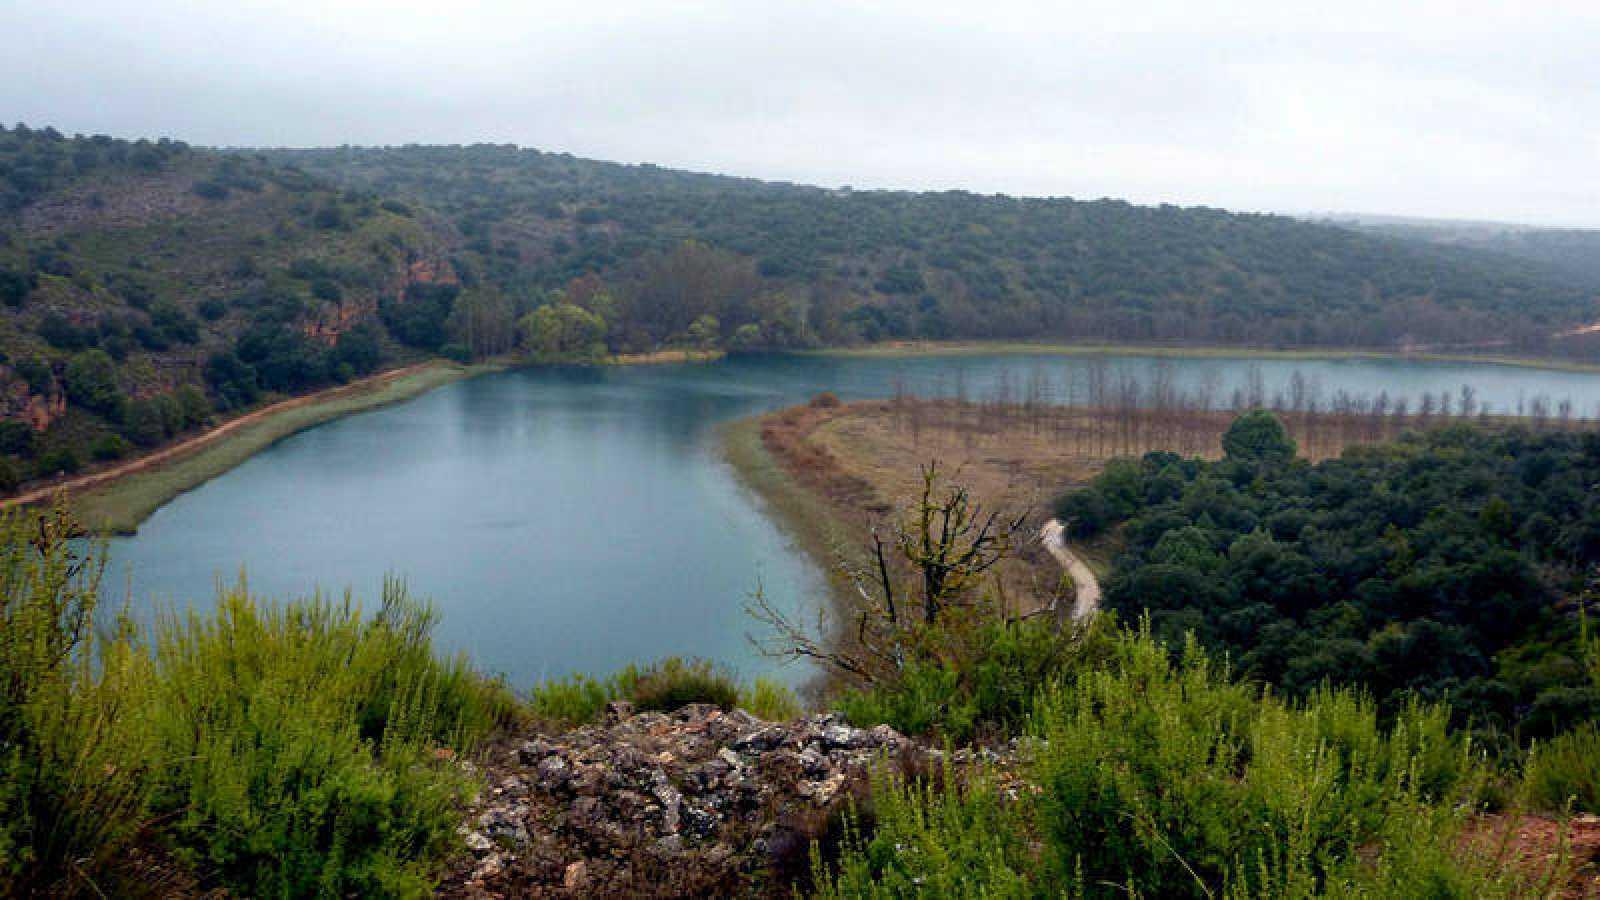 Turismo en comunidad - Lagunas y estepas manchegas, paraíso de la biodiversidad - 25/07/18 - escuchar ahora